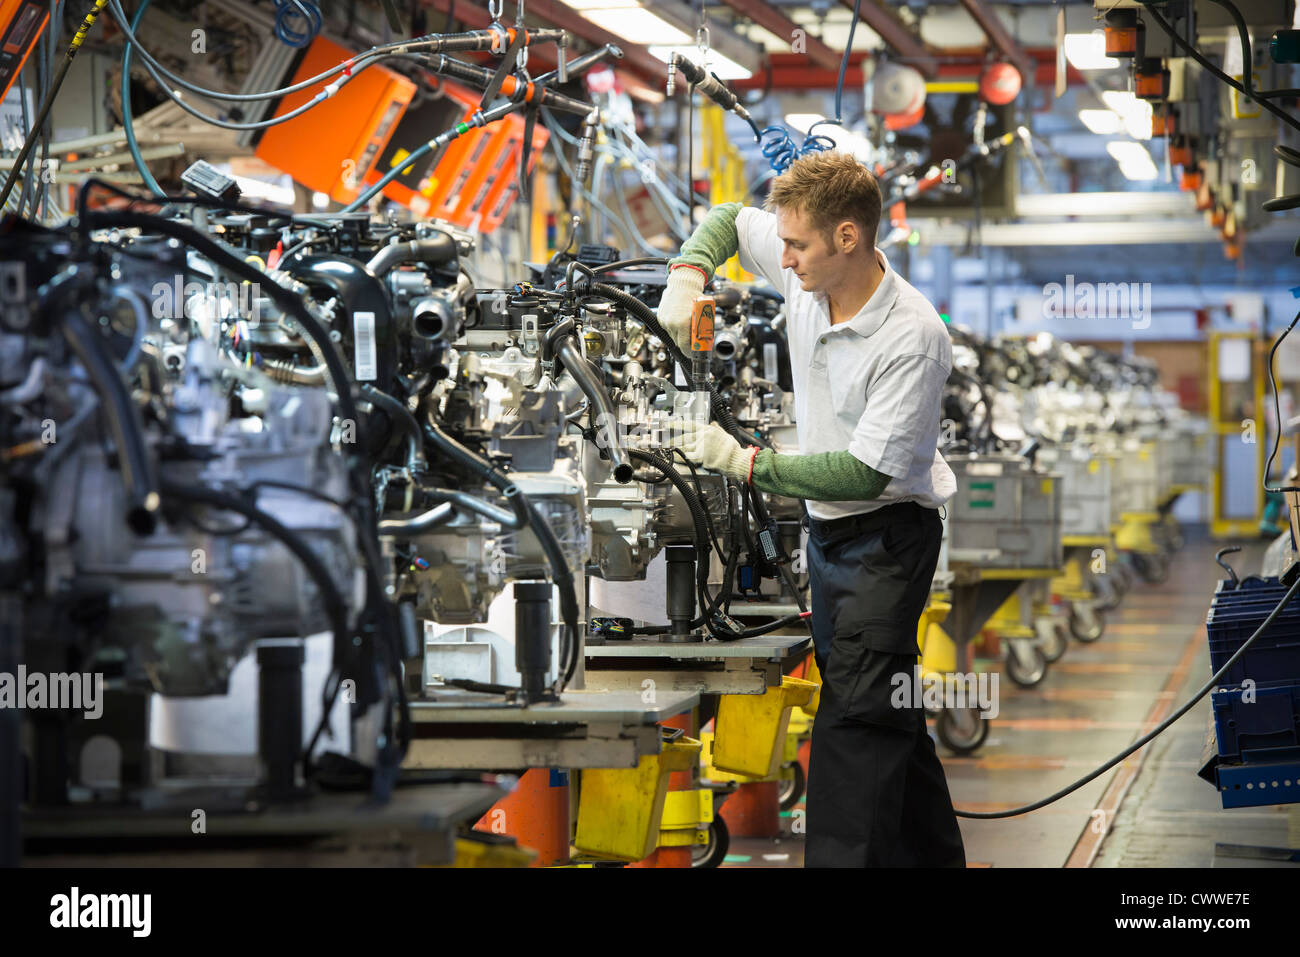 Lavoratore con motori su linea di produzione nella fabbrica di automobili Immagini Stock